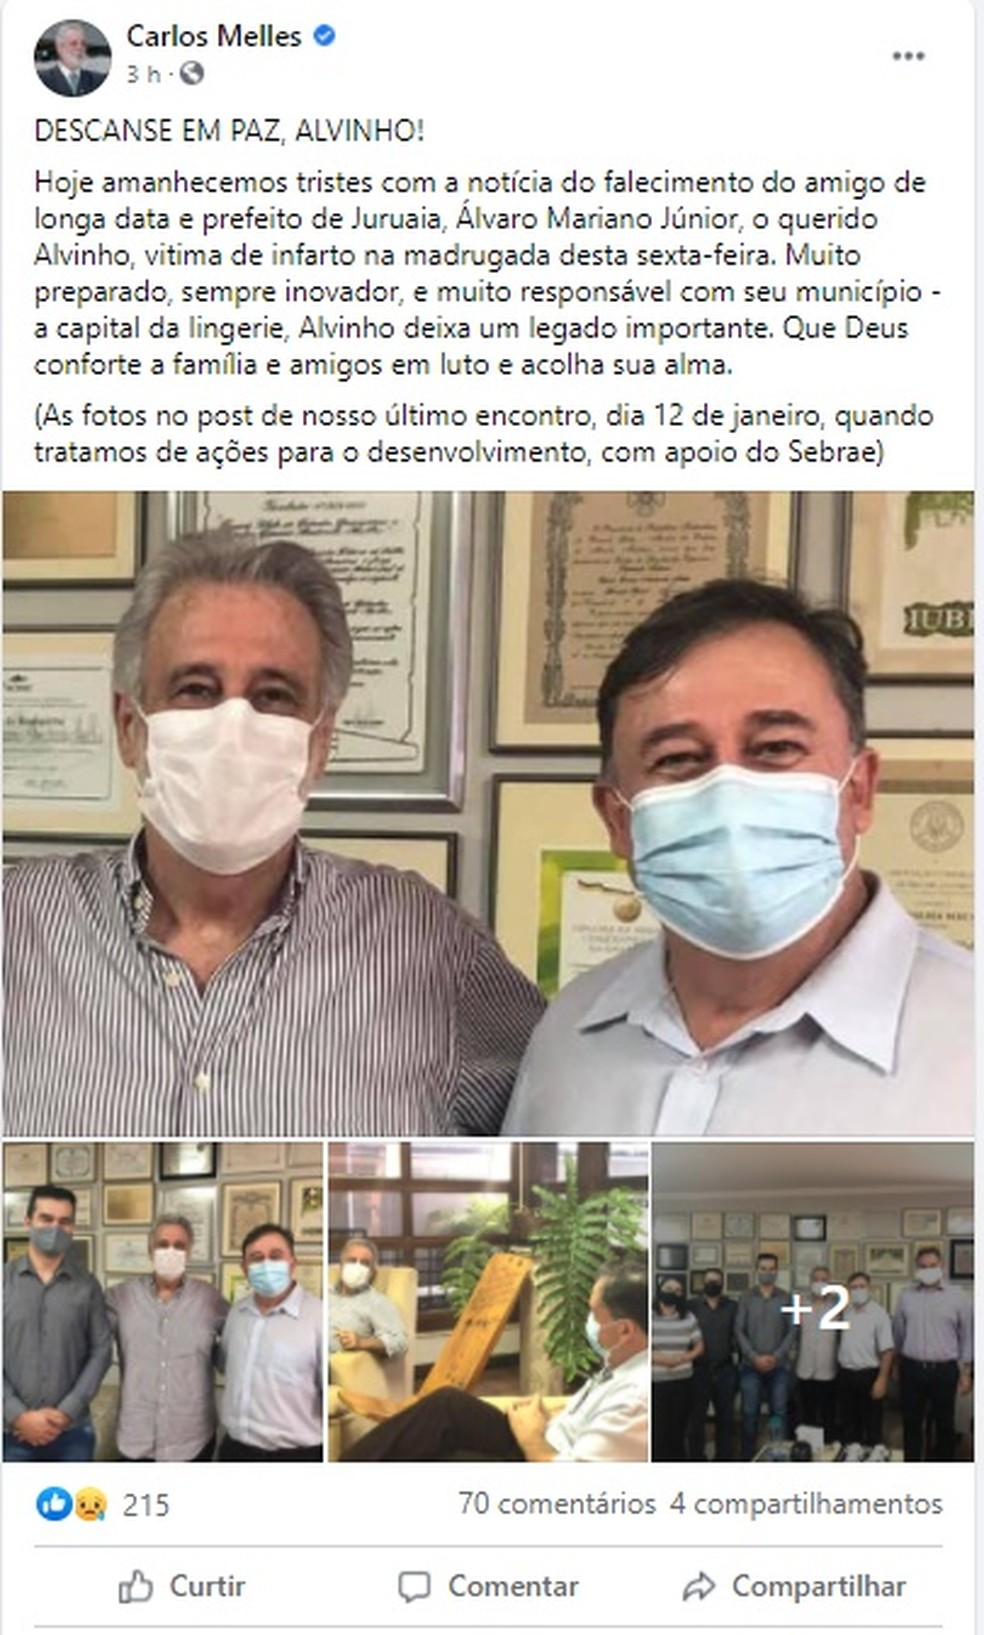 Carlos Melles publicou nota sobre a morte do Prefeito Alvinho de Juruaia (MG) — Foto: Redes Sociais